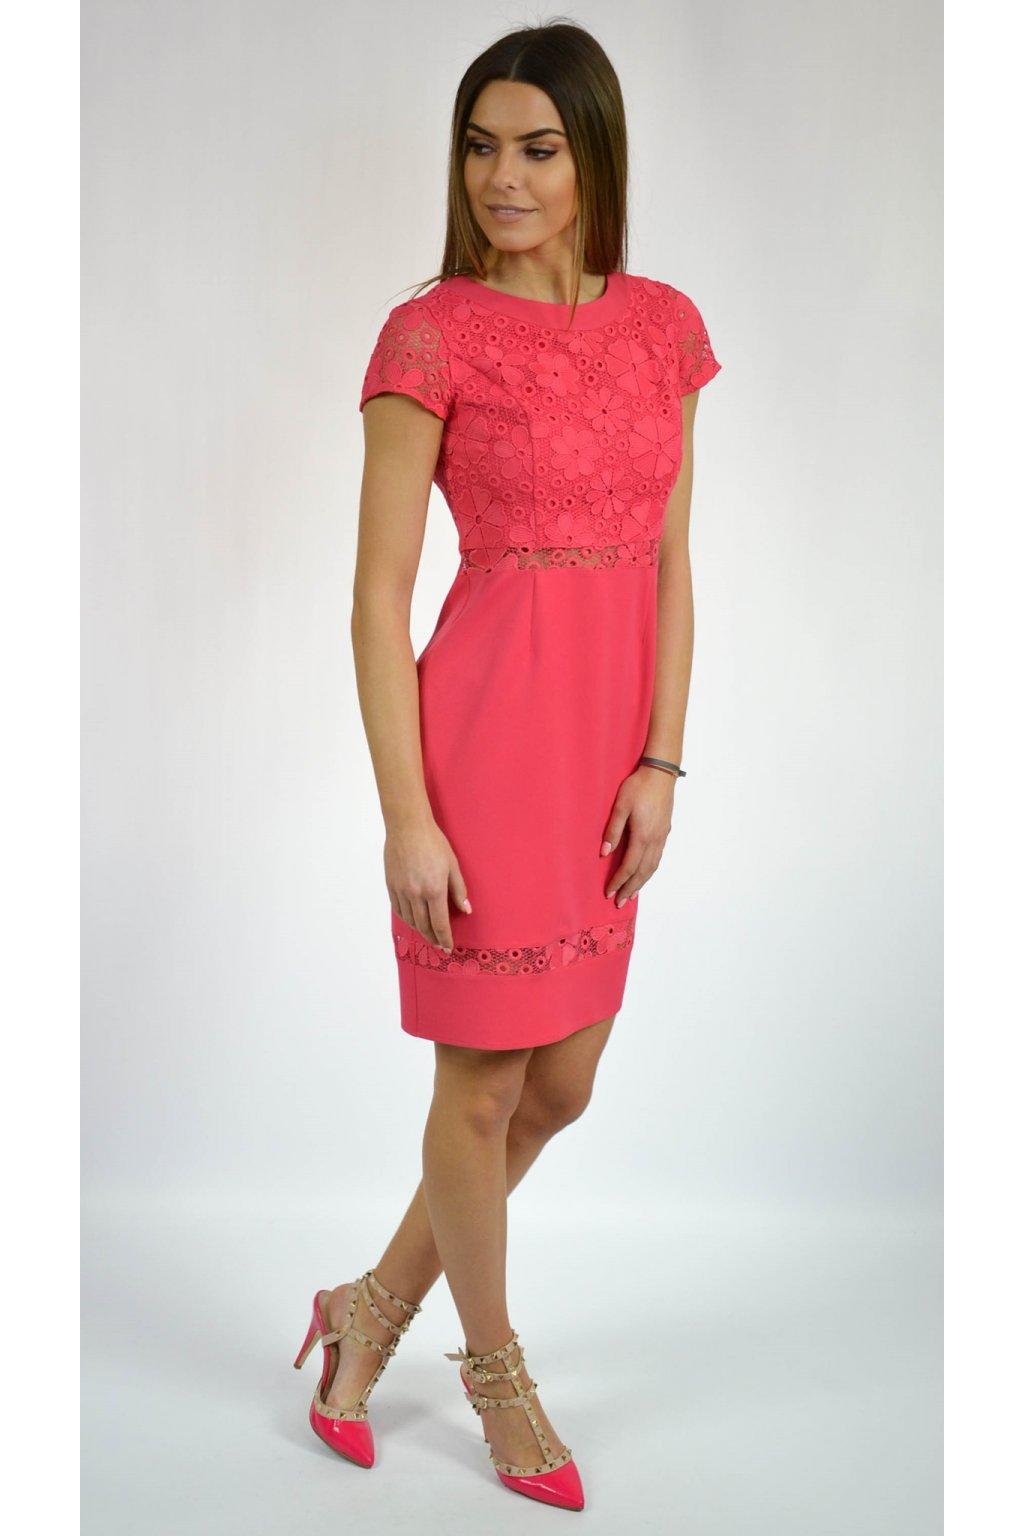 89d473f68676 Elegantné dámske šaty s čipkou 7078 ružové-Tentation.sk